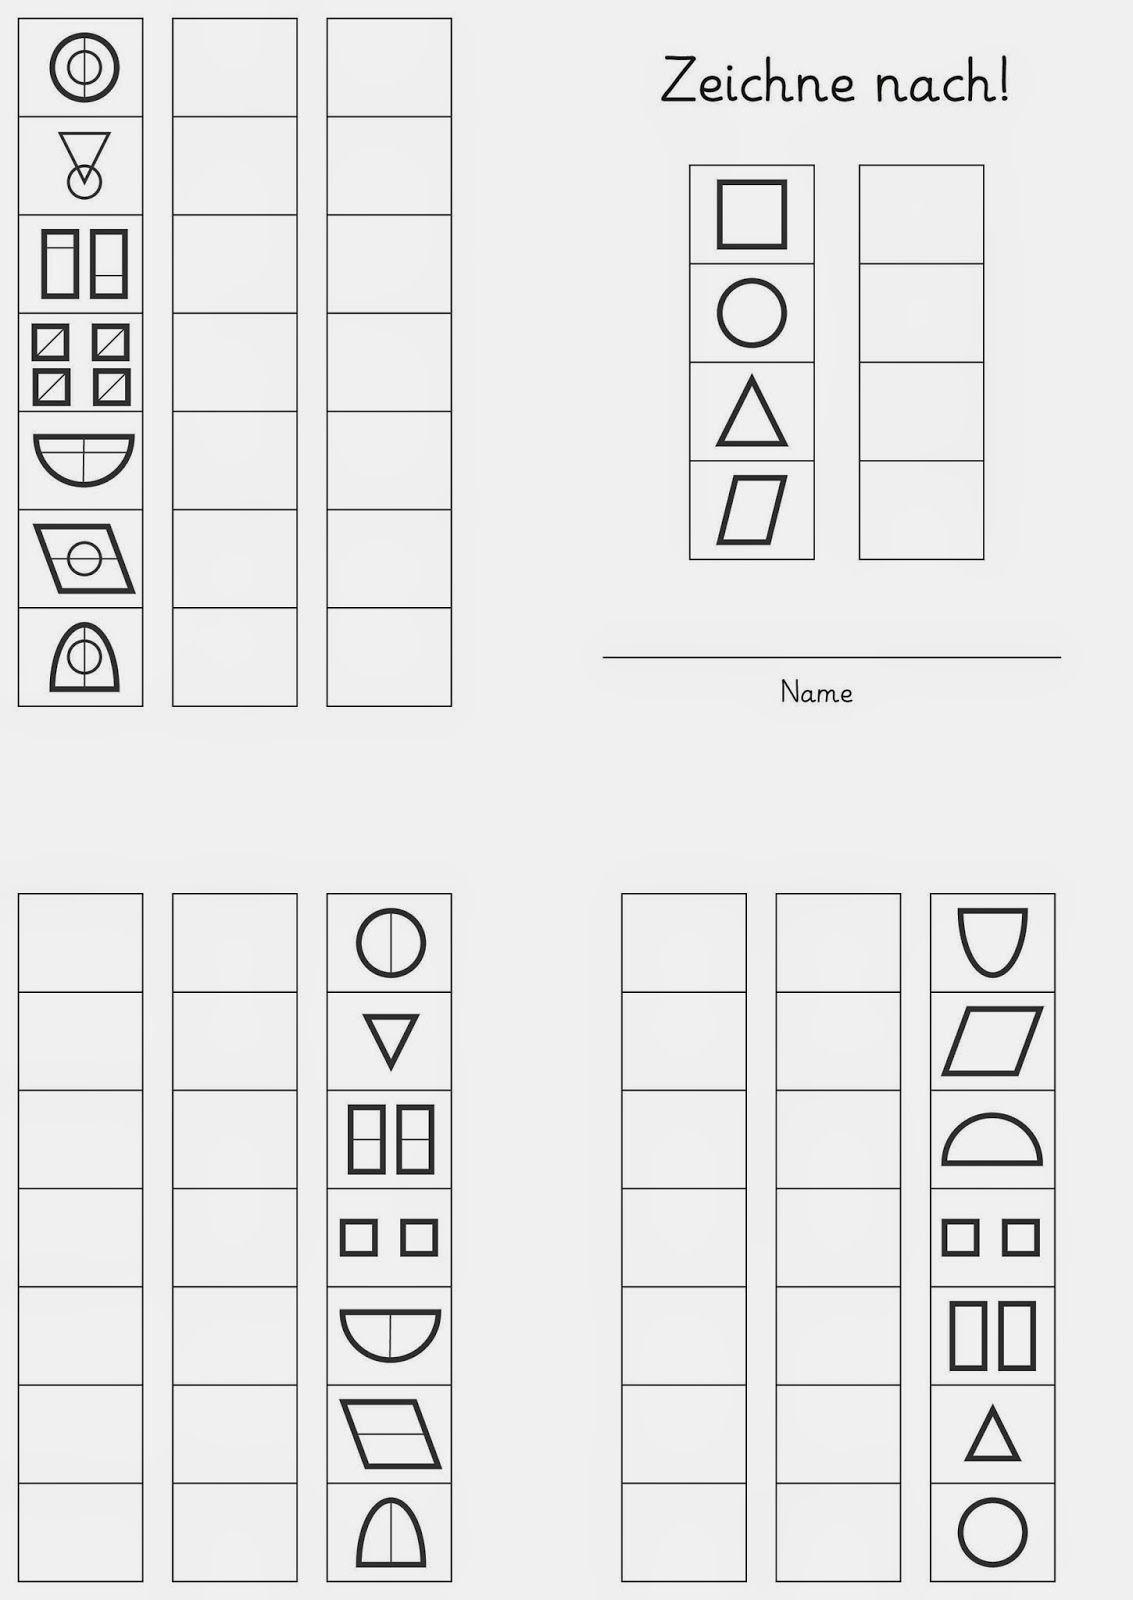 zeichne nach 1 wahrnehmung pinterest vorschule schule und grundschule. Black Bedroom Furniture Sets. Home Design Ideas